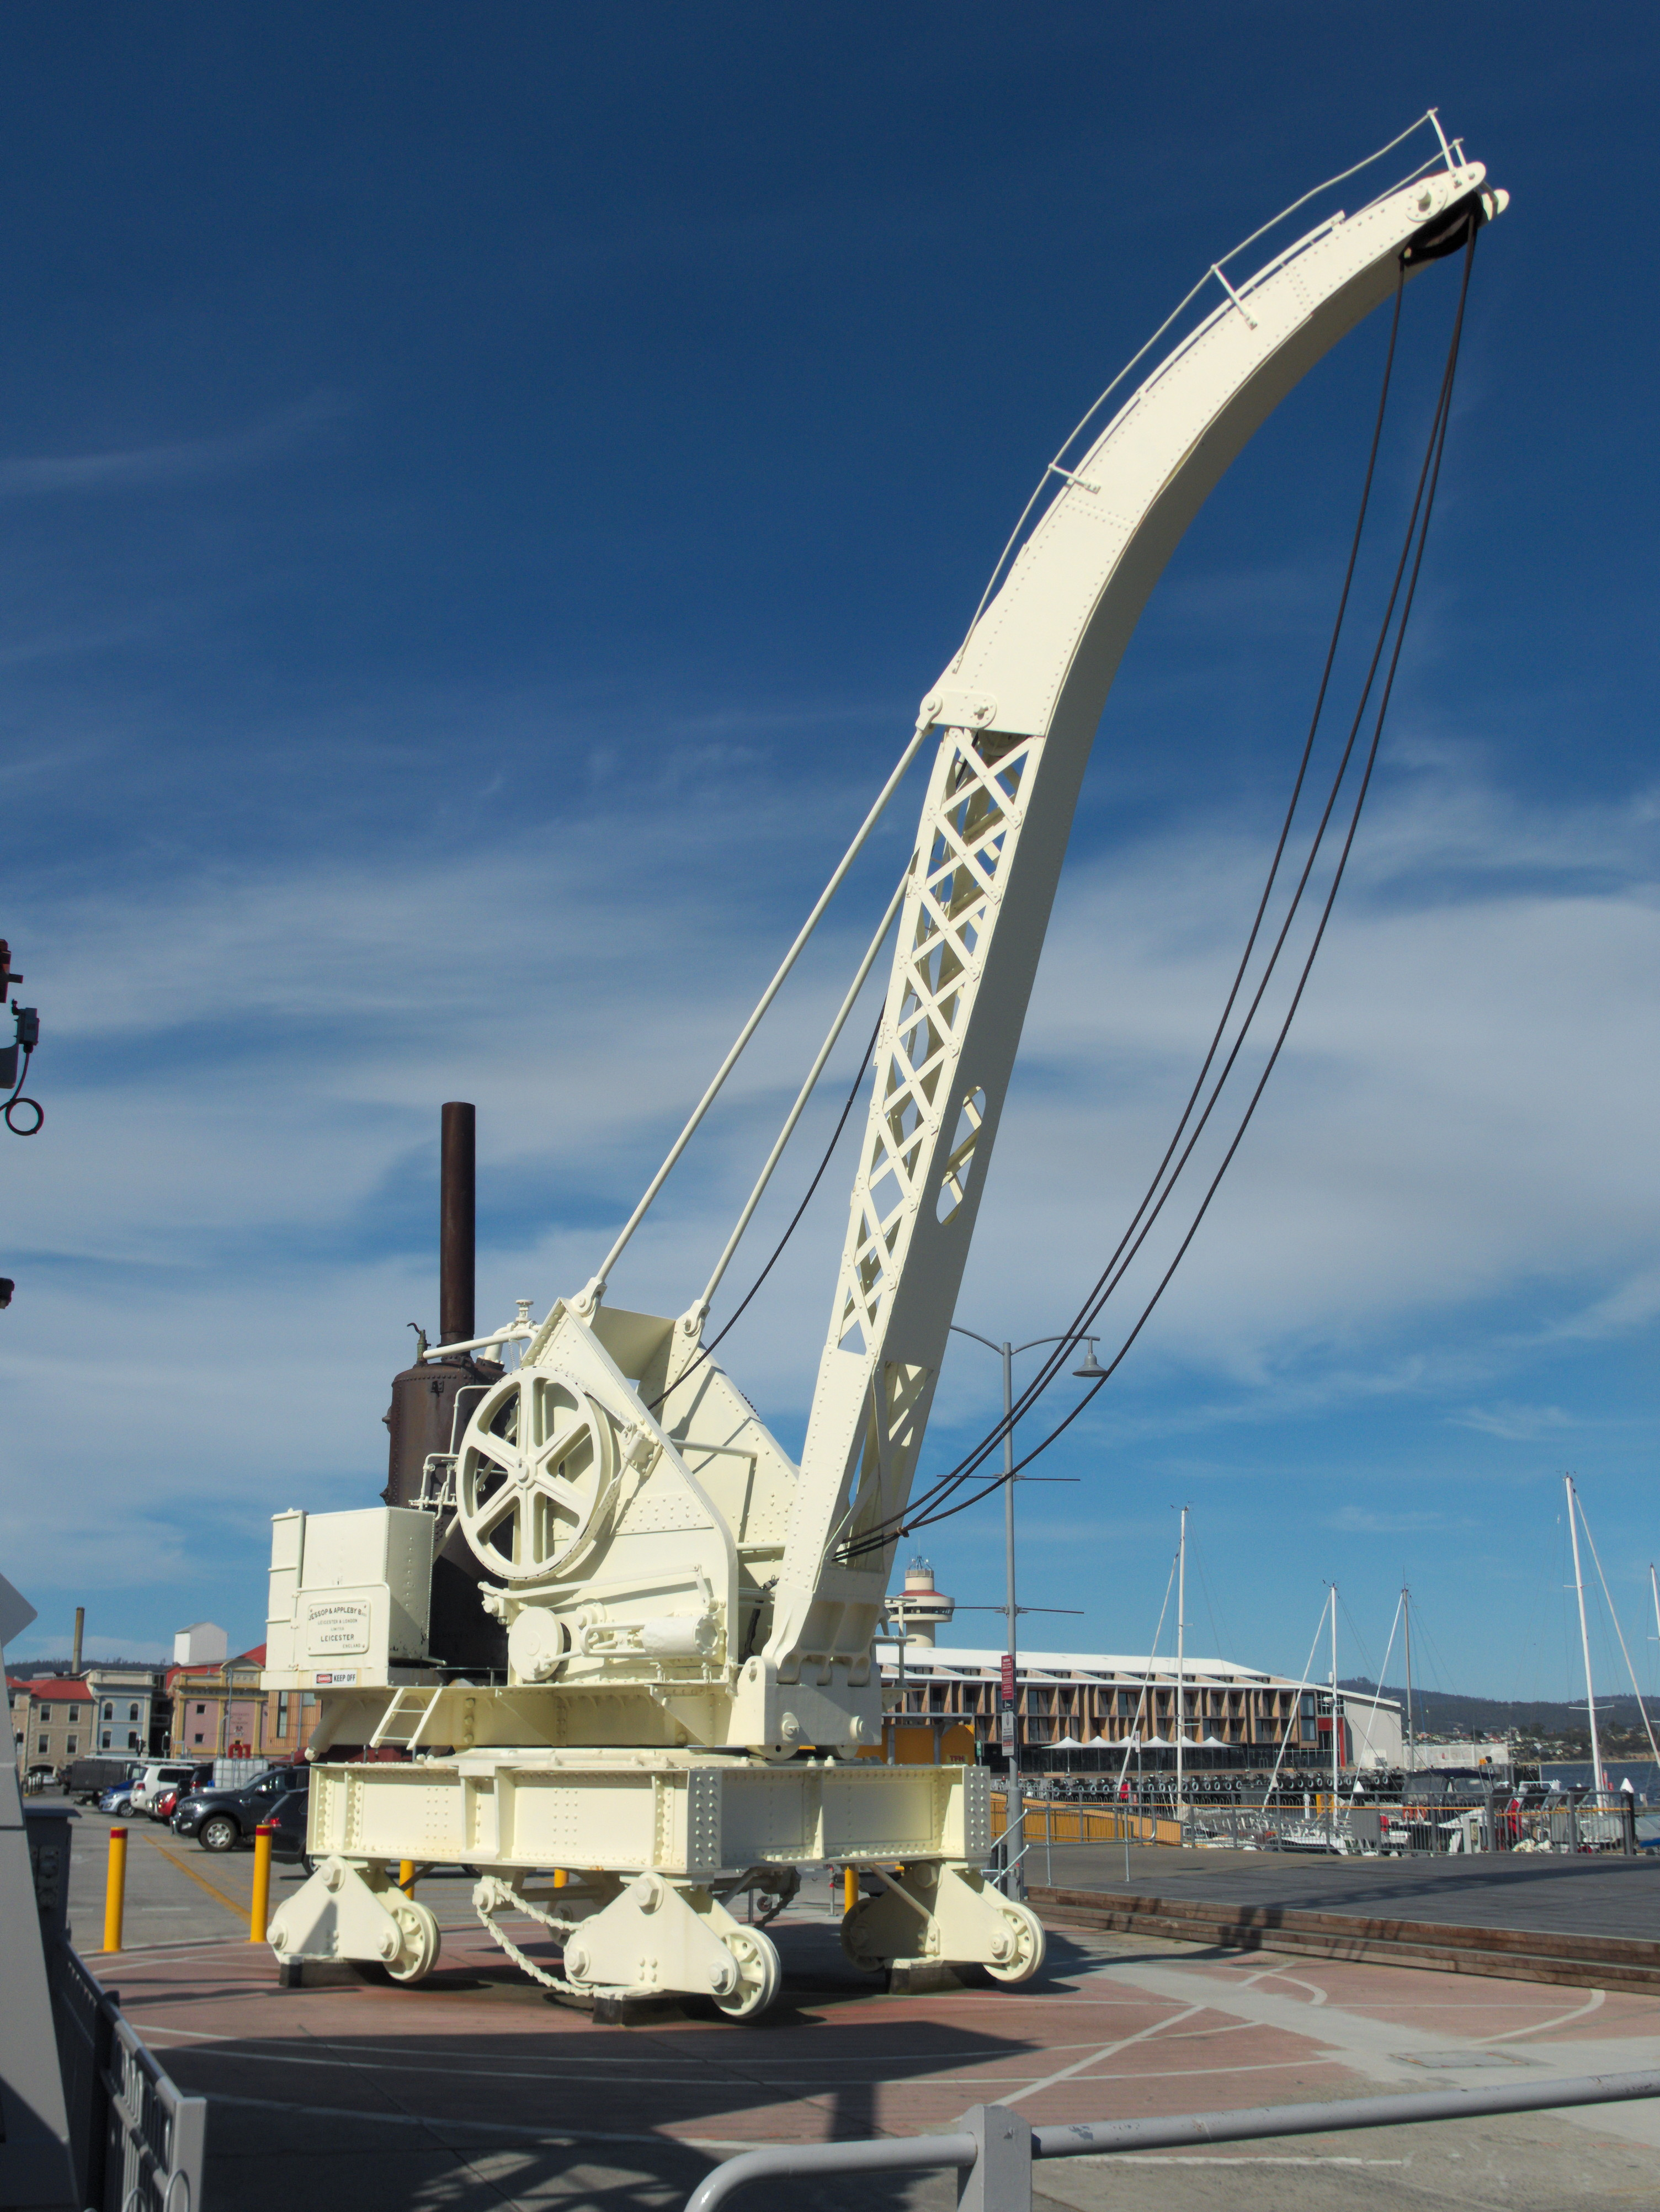 FileJessop And Appleby Steam Crane Hobart 20171120 088